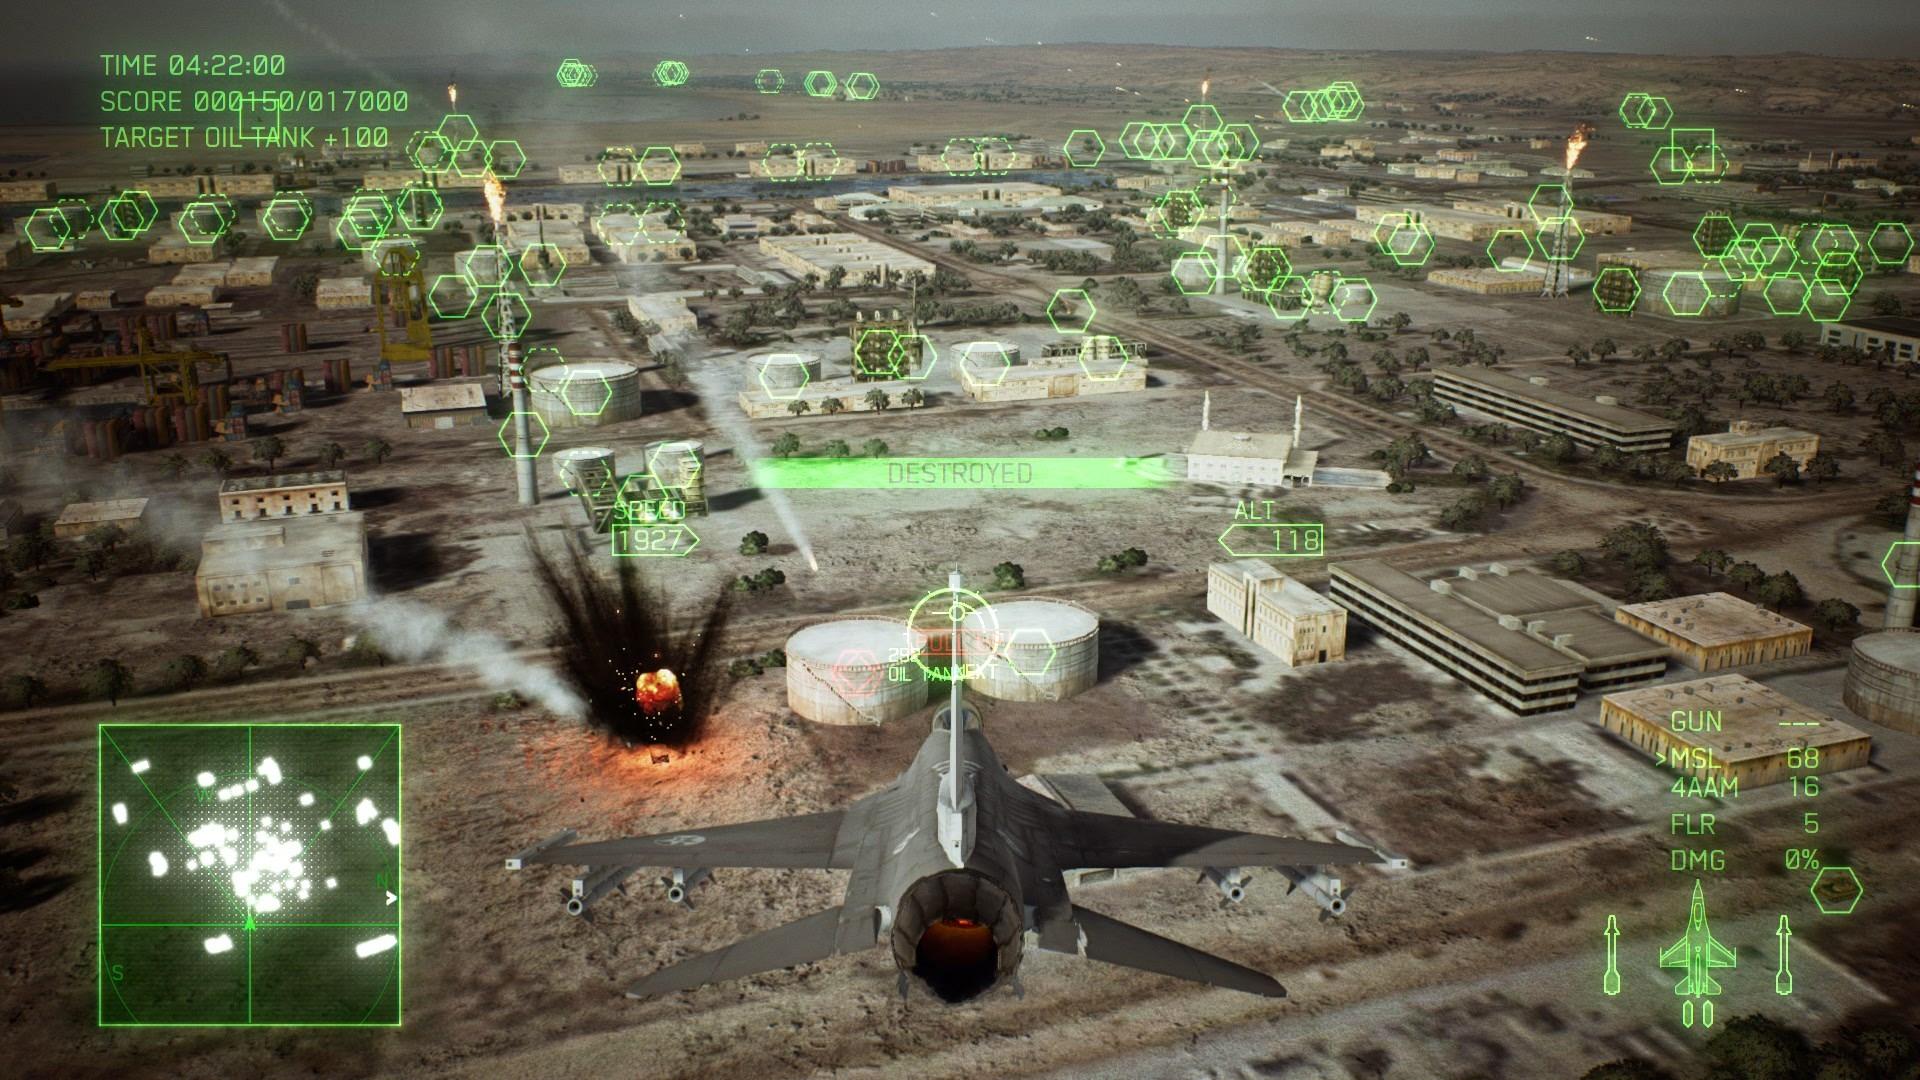 地上の施設を通常ミサイルで攻撃。通常ミサイルでは1つずつ地上の敵を破壊する必要があるが……